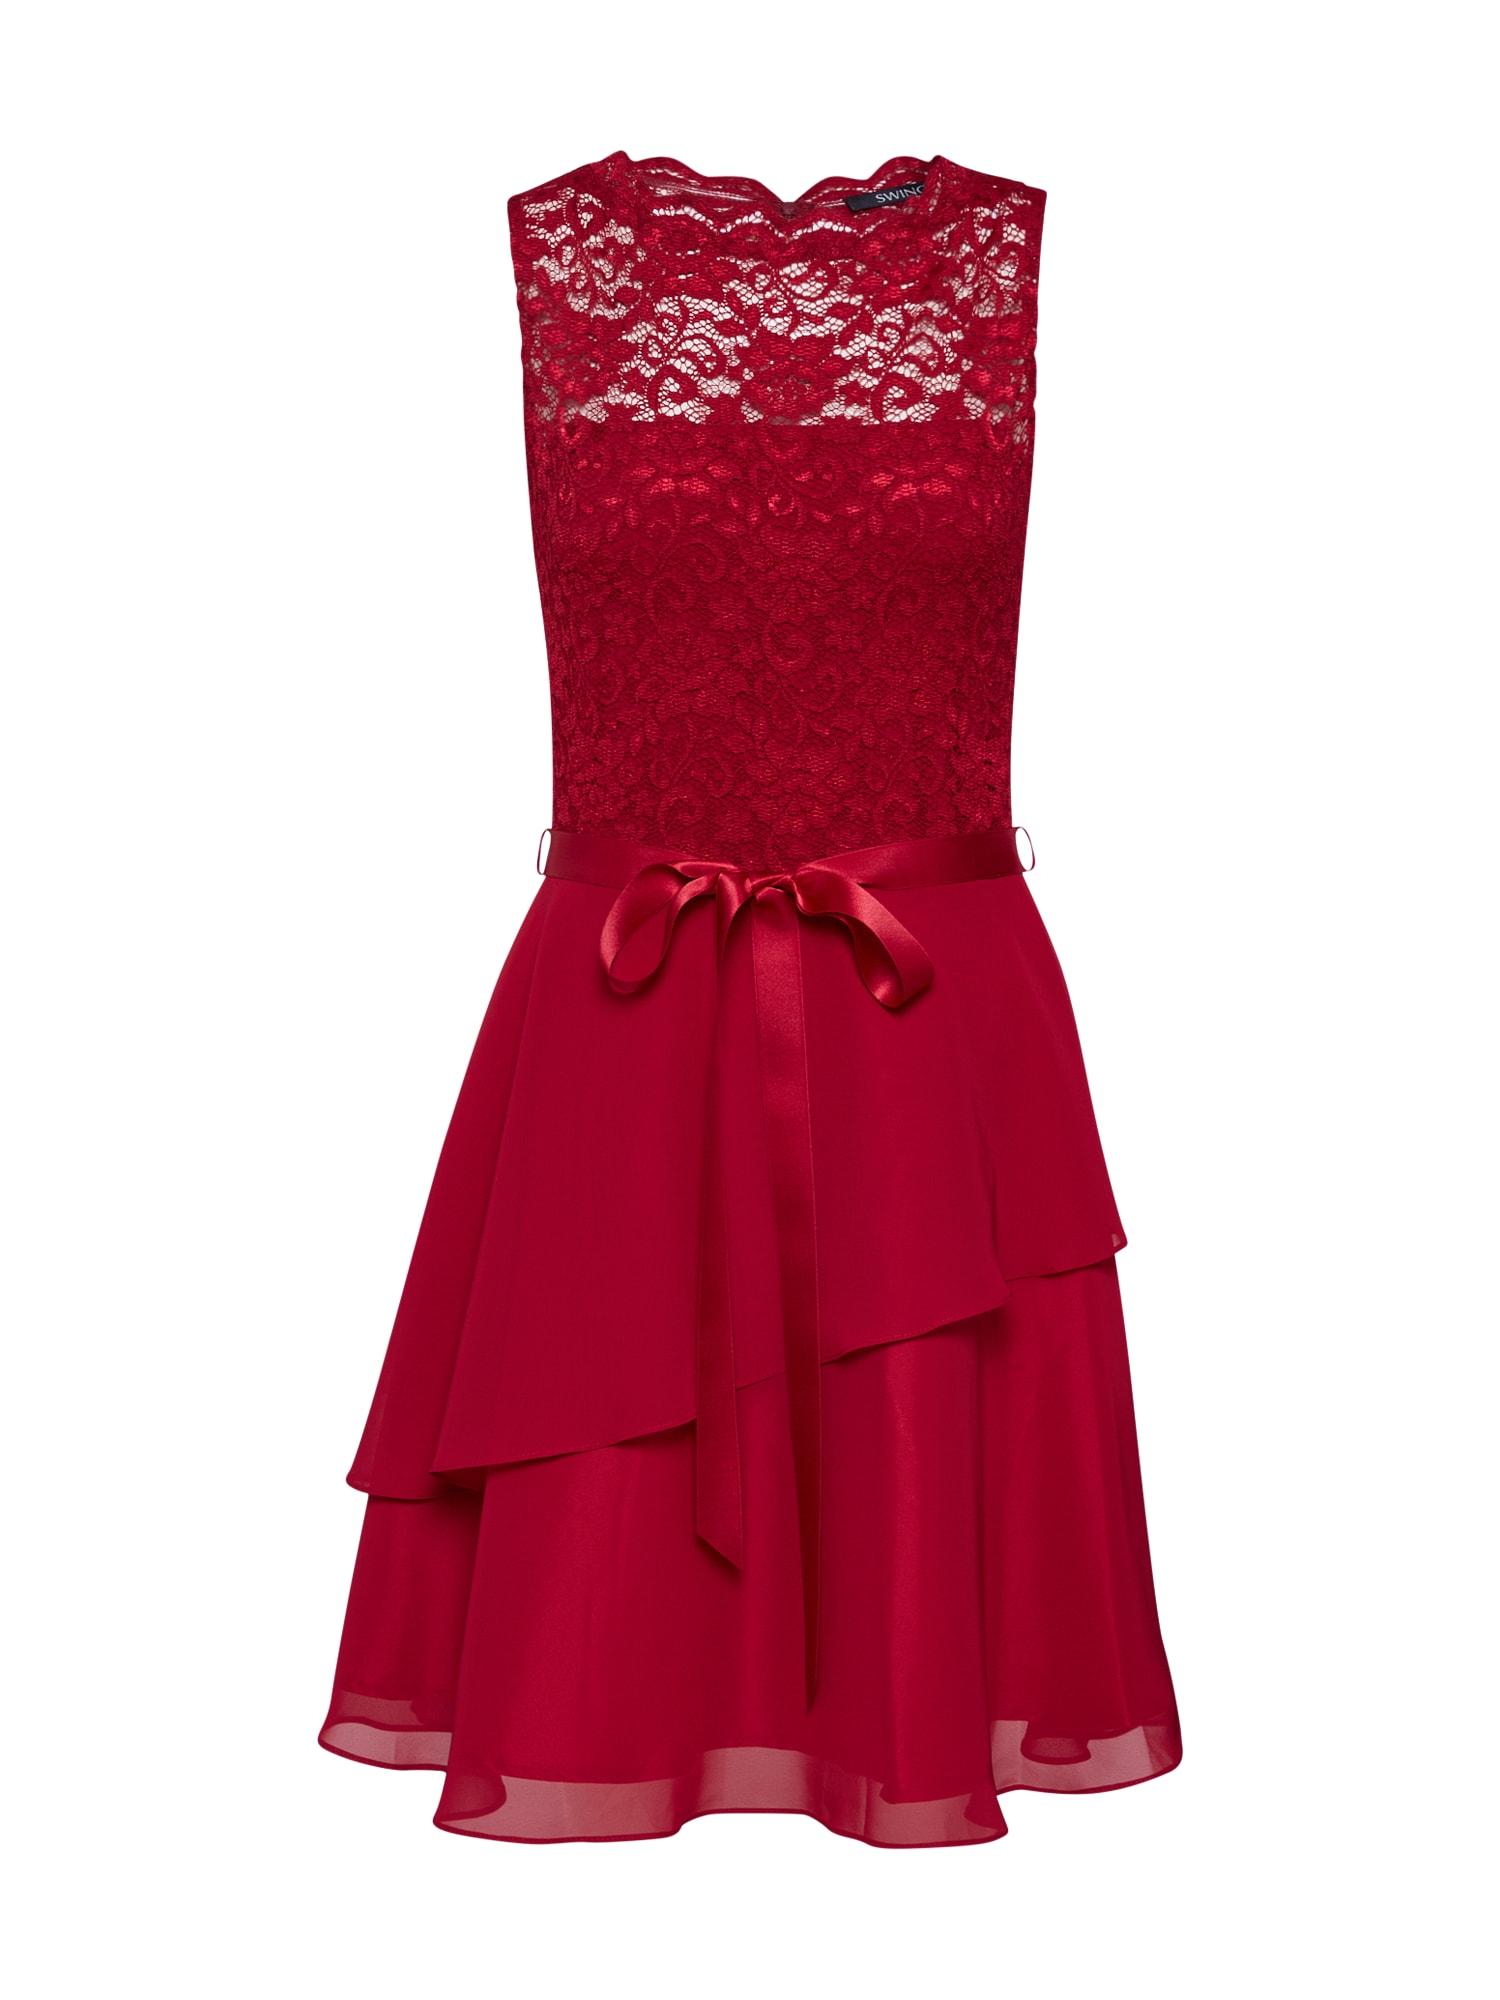 SWING Suknelė vyno raudona spalva